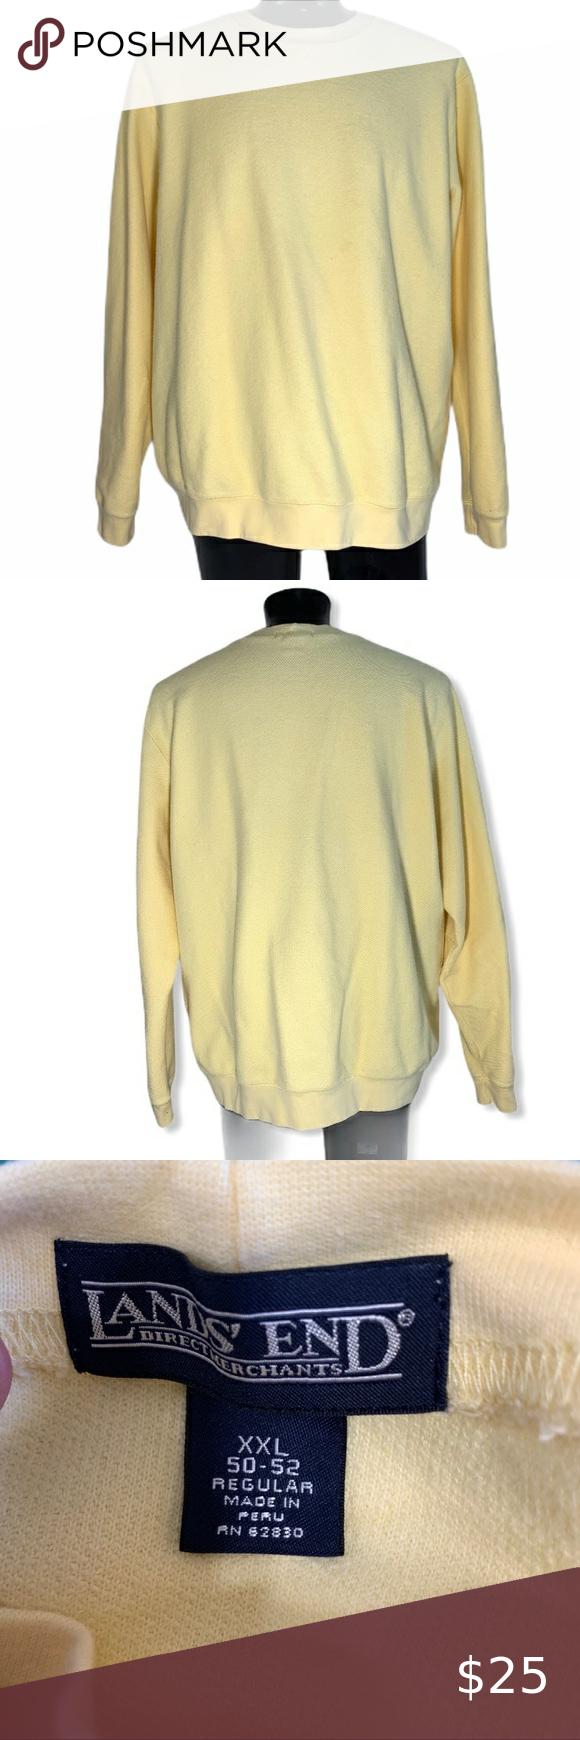 Lands End Cotton Sweatshirt Mens Xxl Cotton Sweatshirts Mens Sweatshirts Clothes Design [ 1740 x 580 Pixel ]